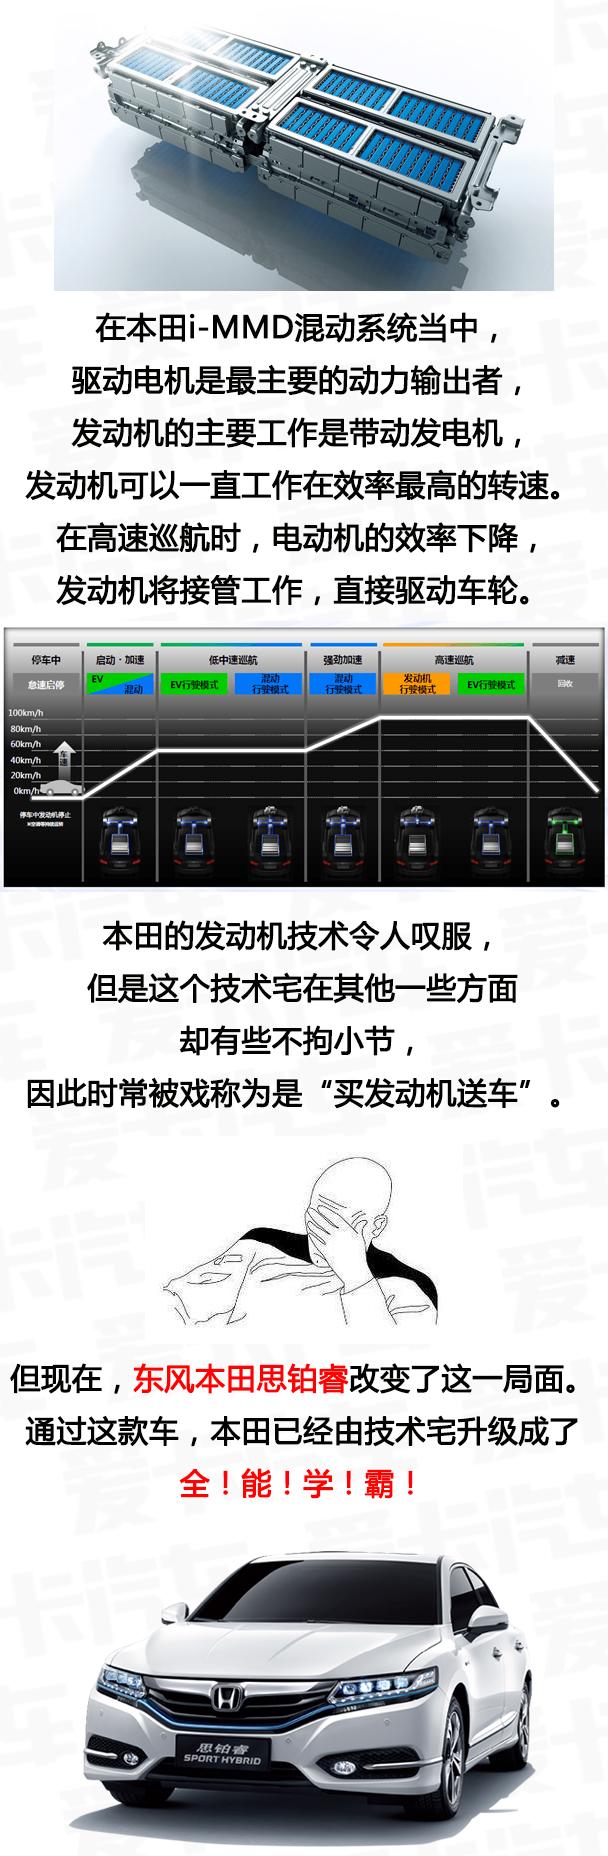 解析本田思铂睿混动